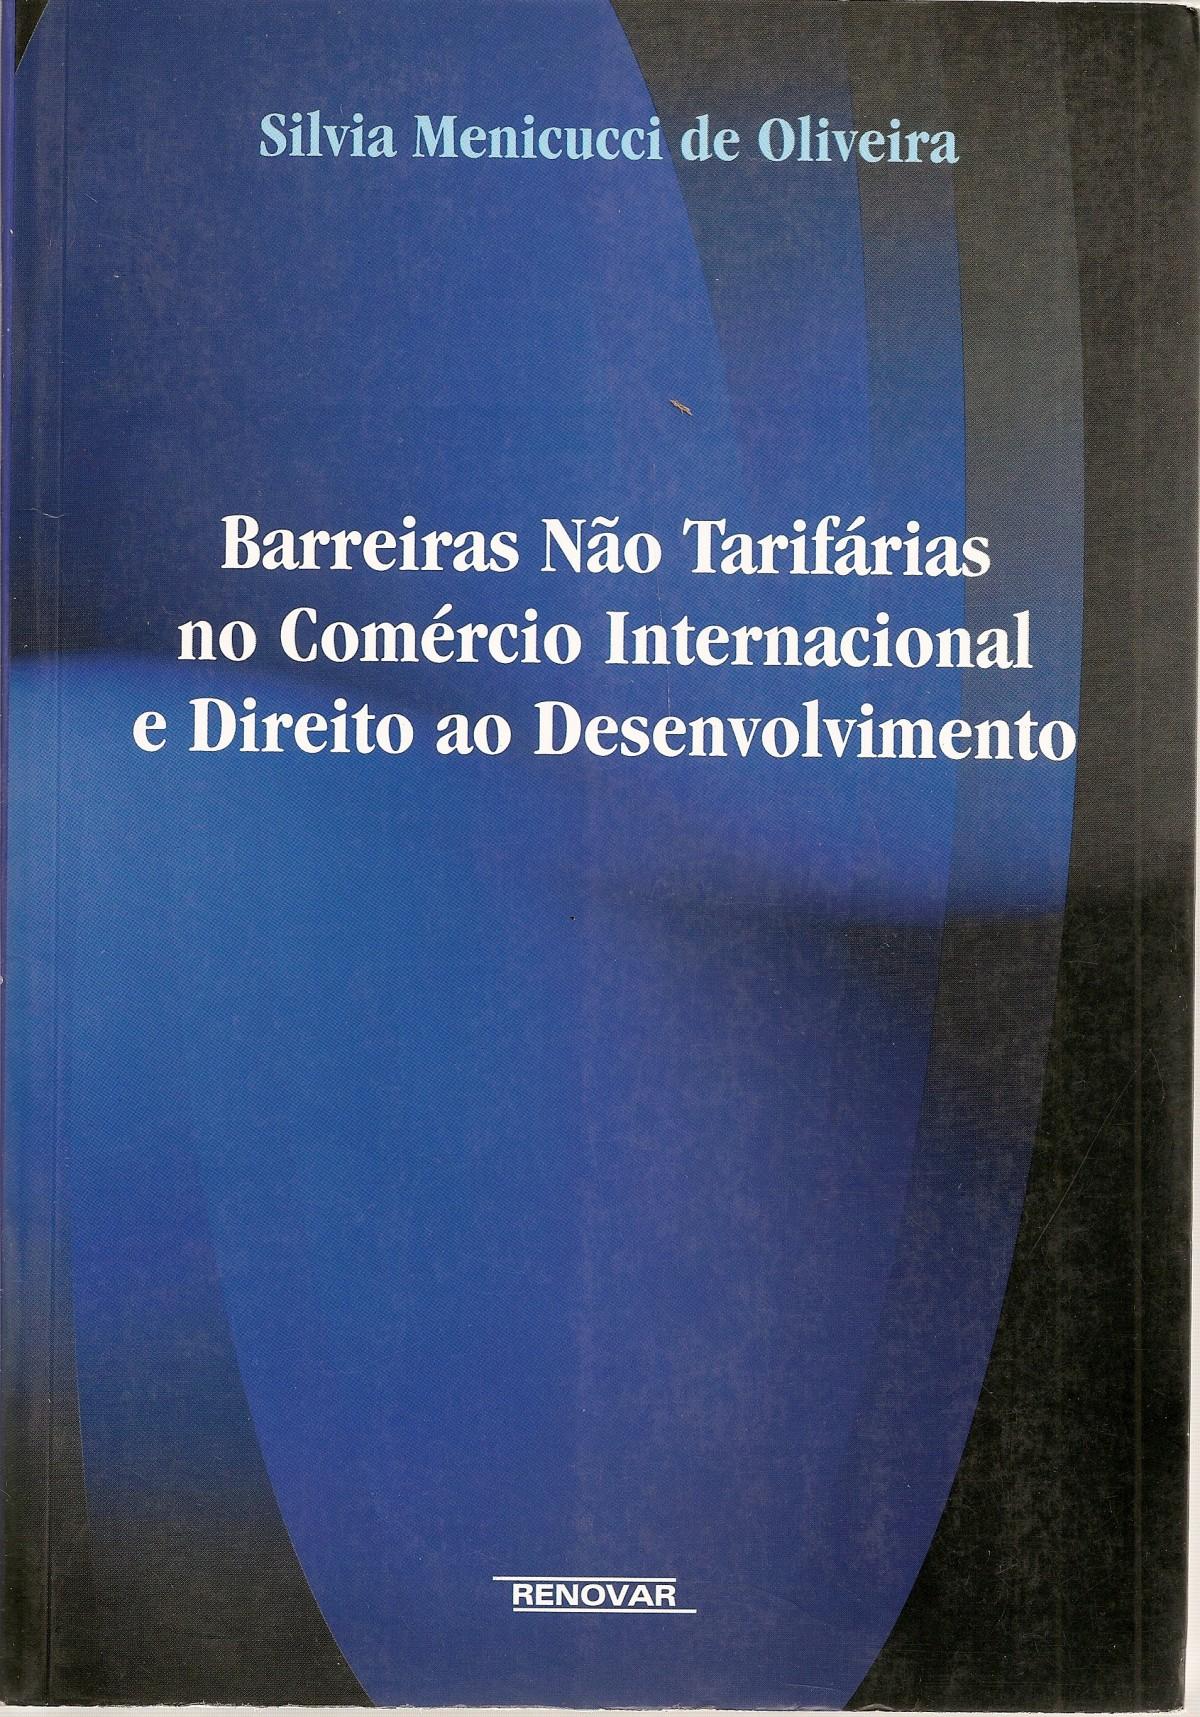 Foto 1 - Barreiras não Tarifárias no Comércio Internacional e Direito ao Desenvolvimento